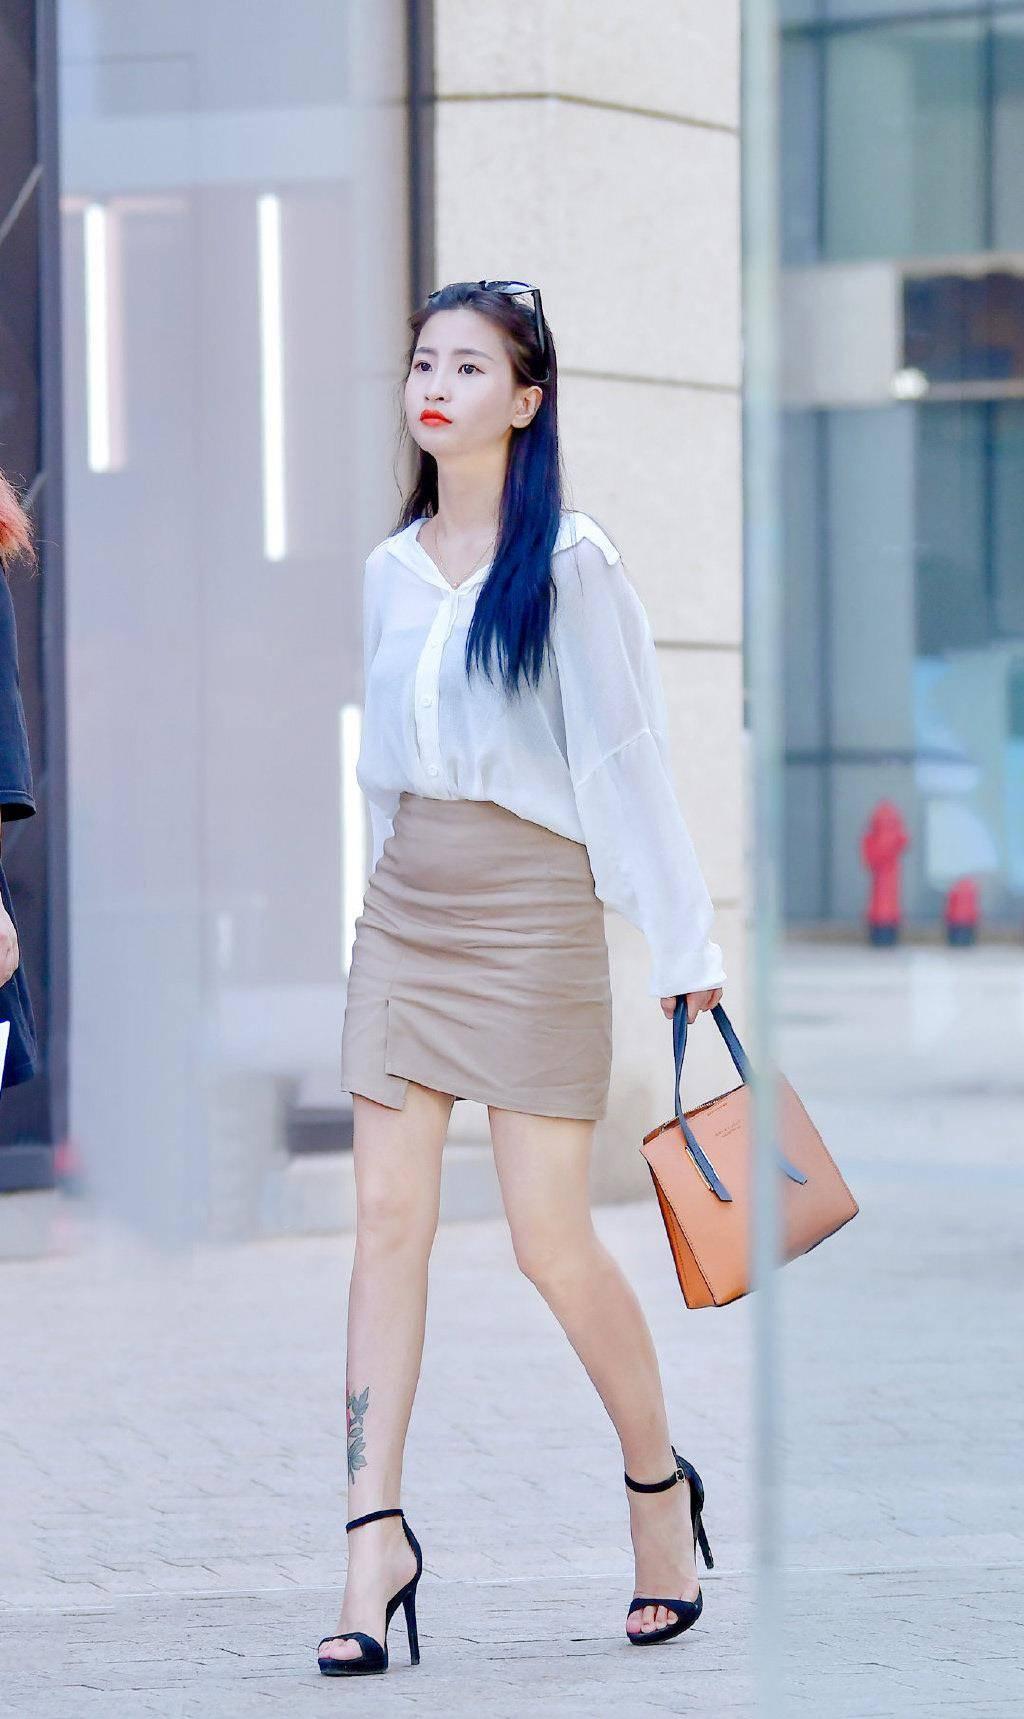 靓丽女生的半身短裙穿搭,简单舒适又显气质,值得借鉴